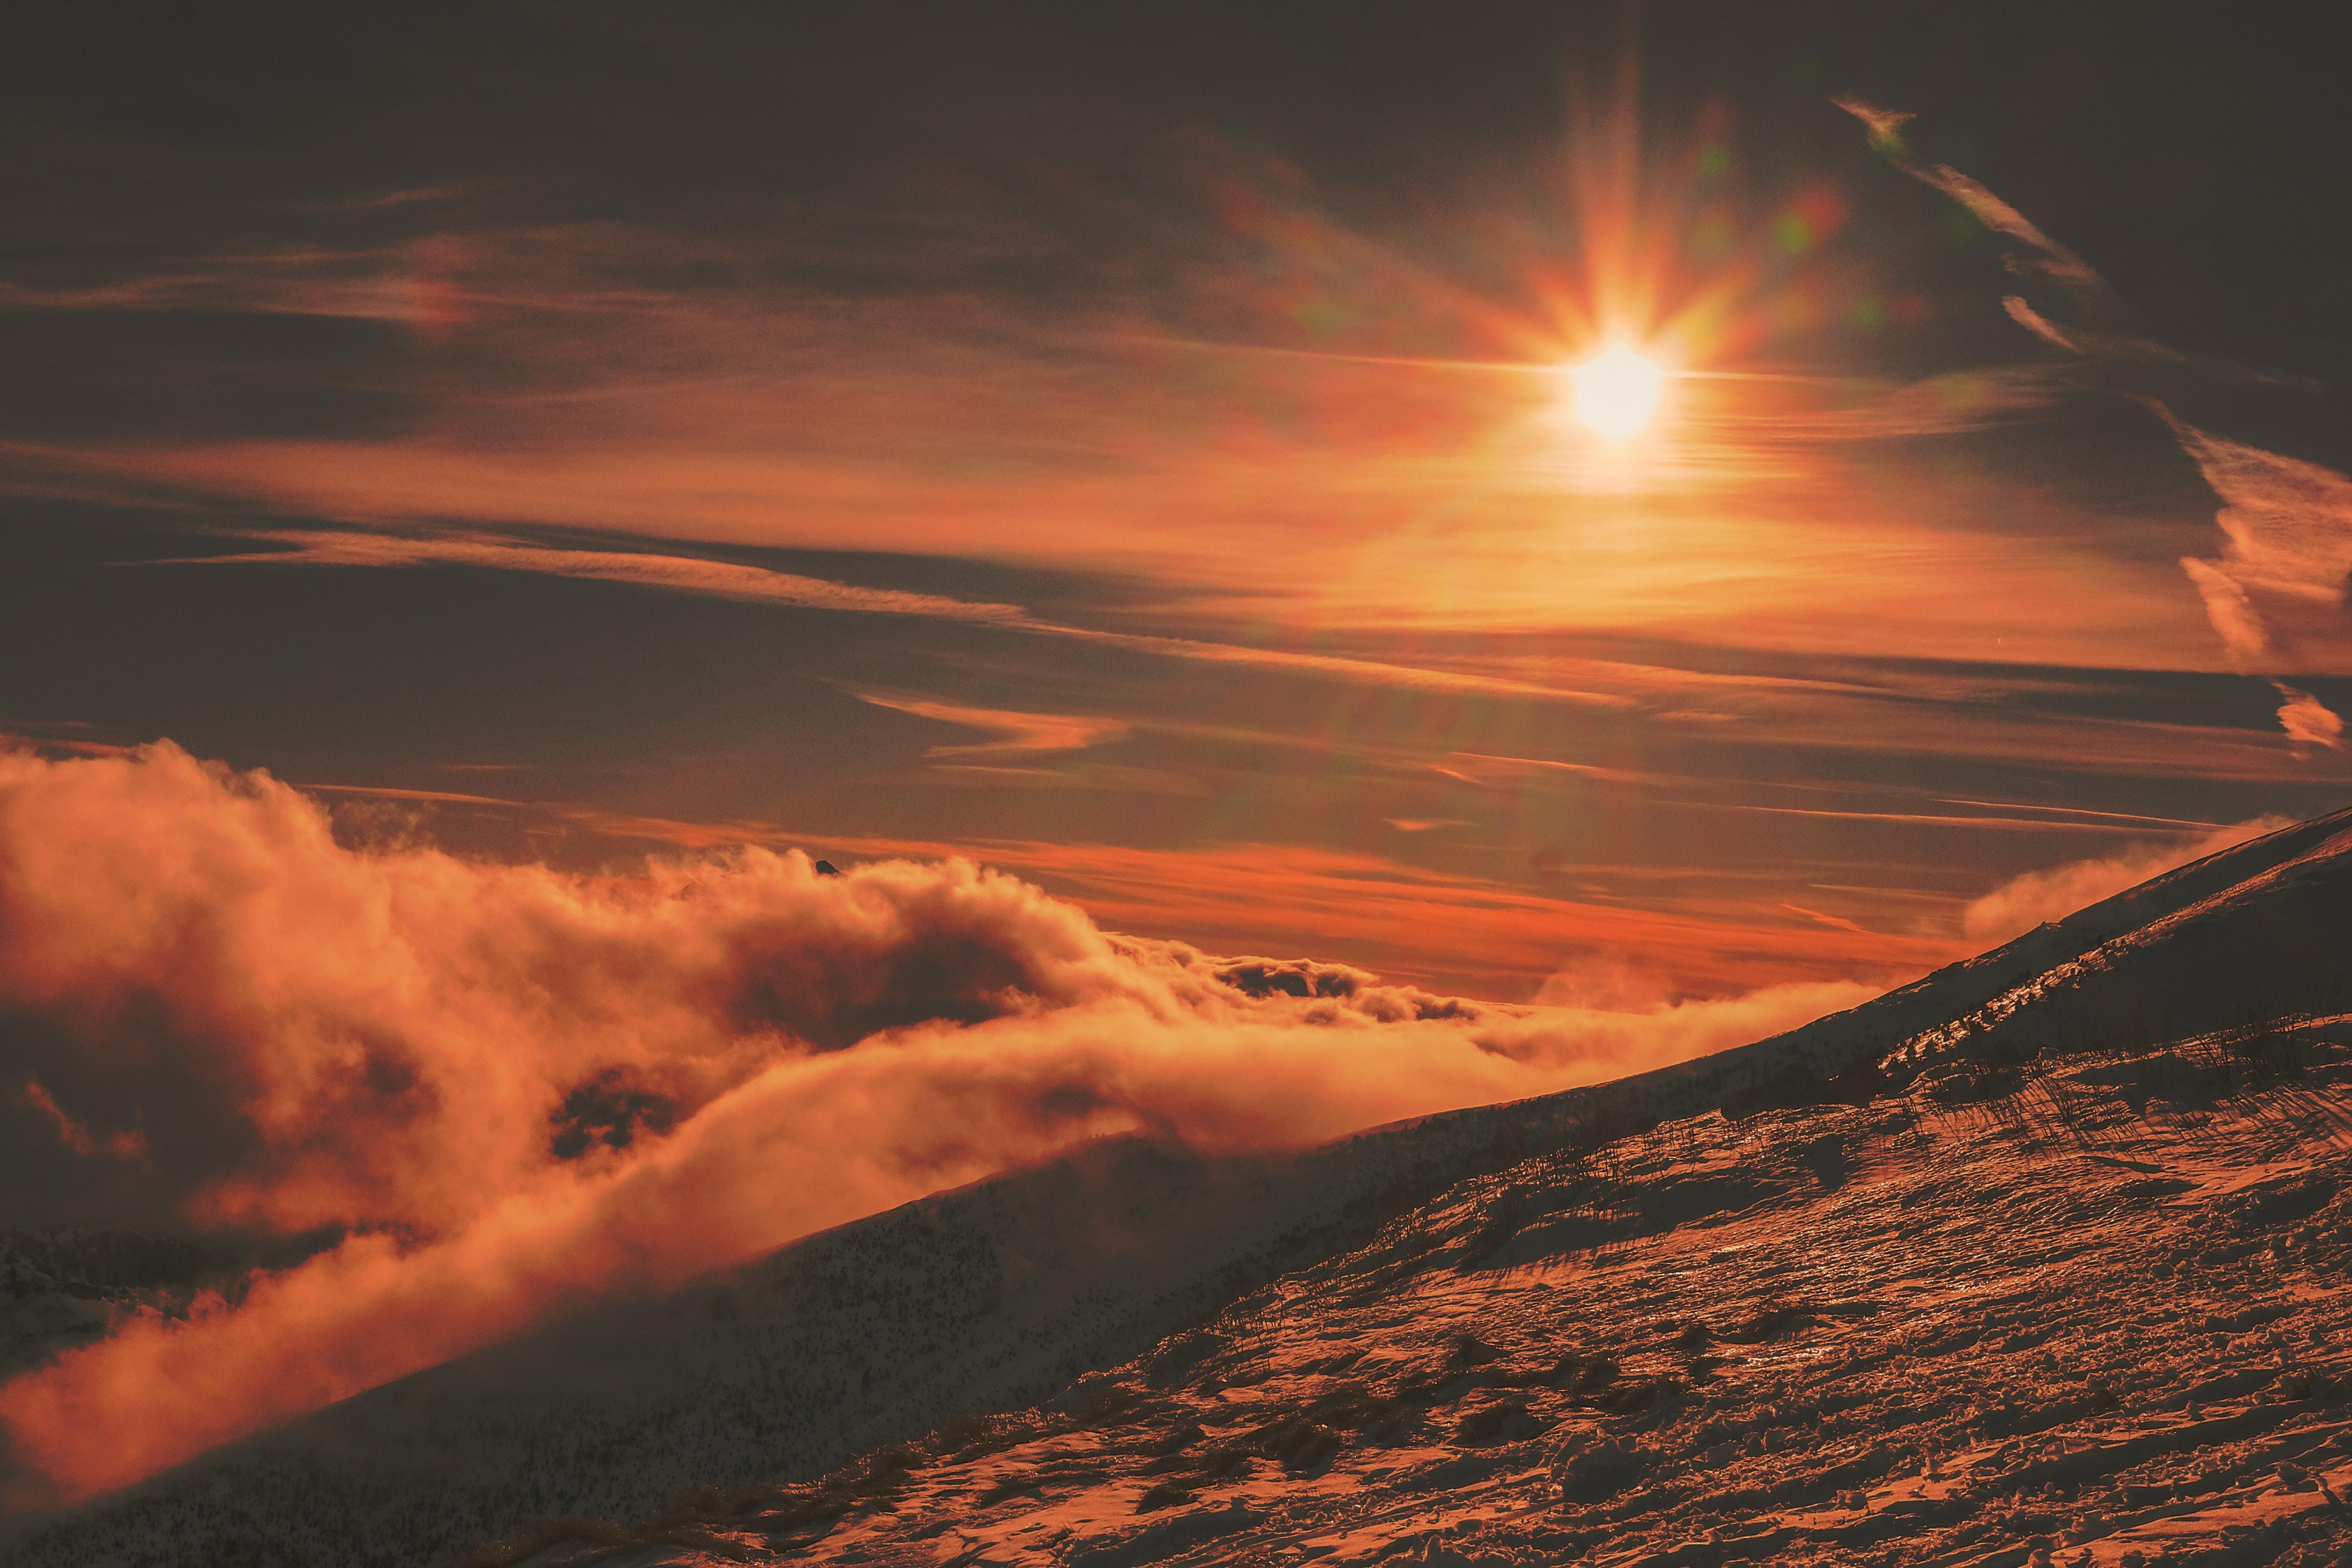 96326 Hintergrundbild herunterladen Natur, Sunset, Sky, Mountains, Schnee - Bildschirmschoner und Bilder kostenlos